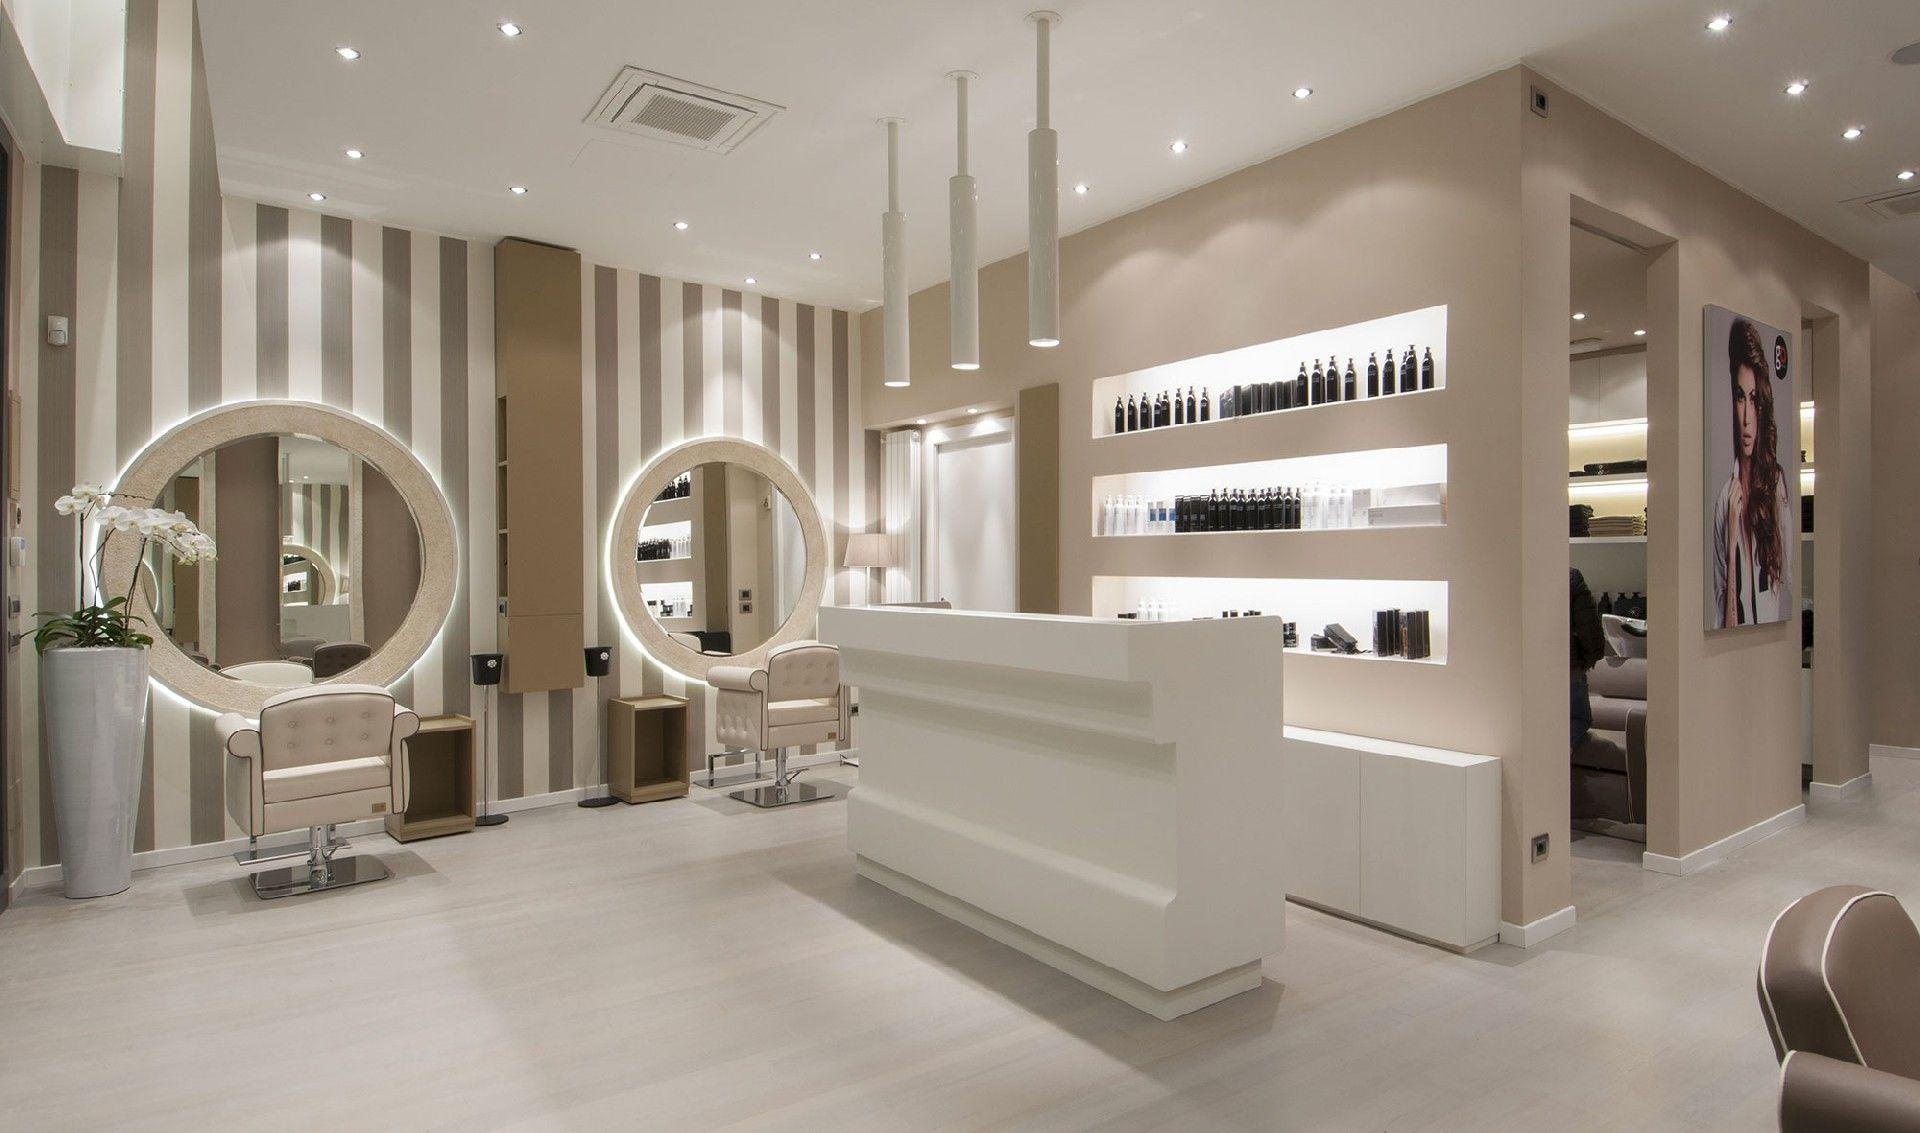 le design a prix accessible pietranera srl mobilier et materiel pour salon de coiffure made in italy